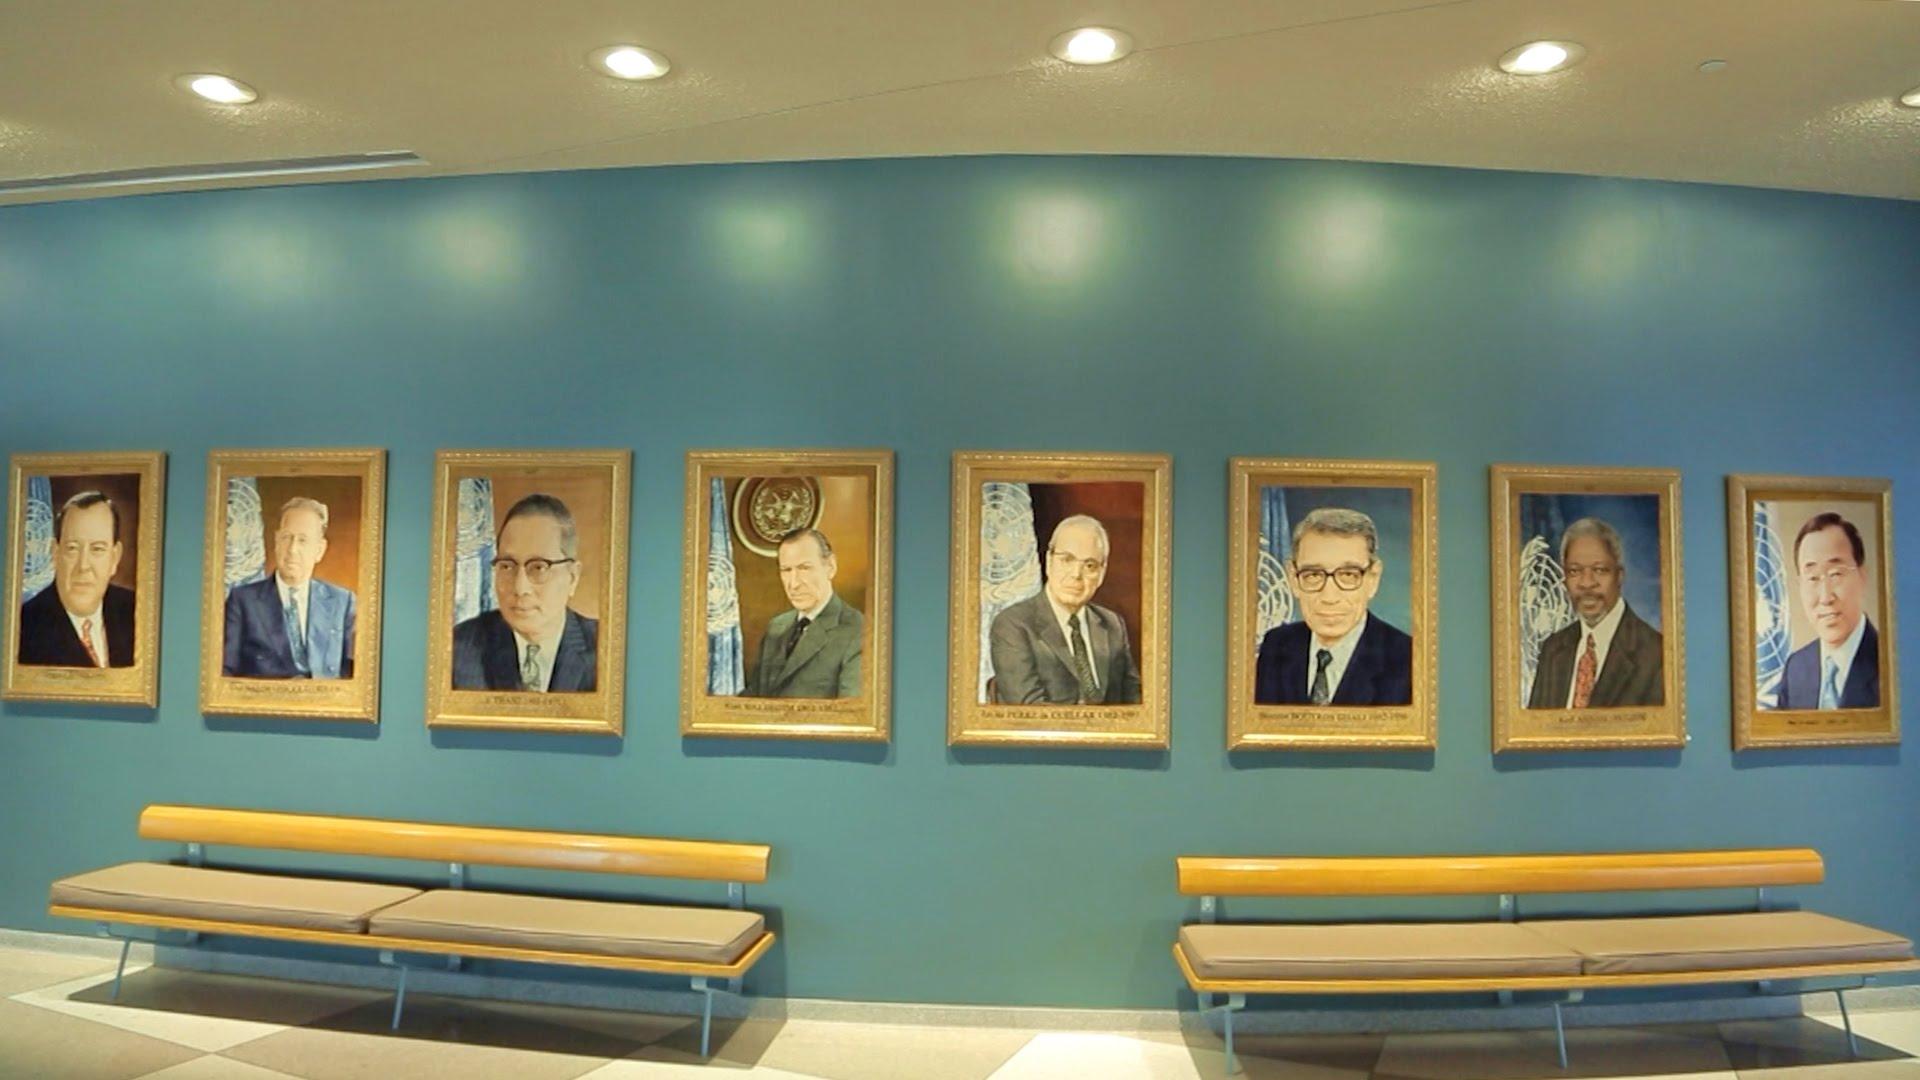 Галерея Генеральных секретарей ООН теперь дополнится девятым портретом. Источник https://i.ytimg.com/